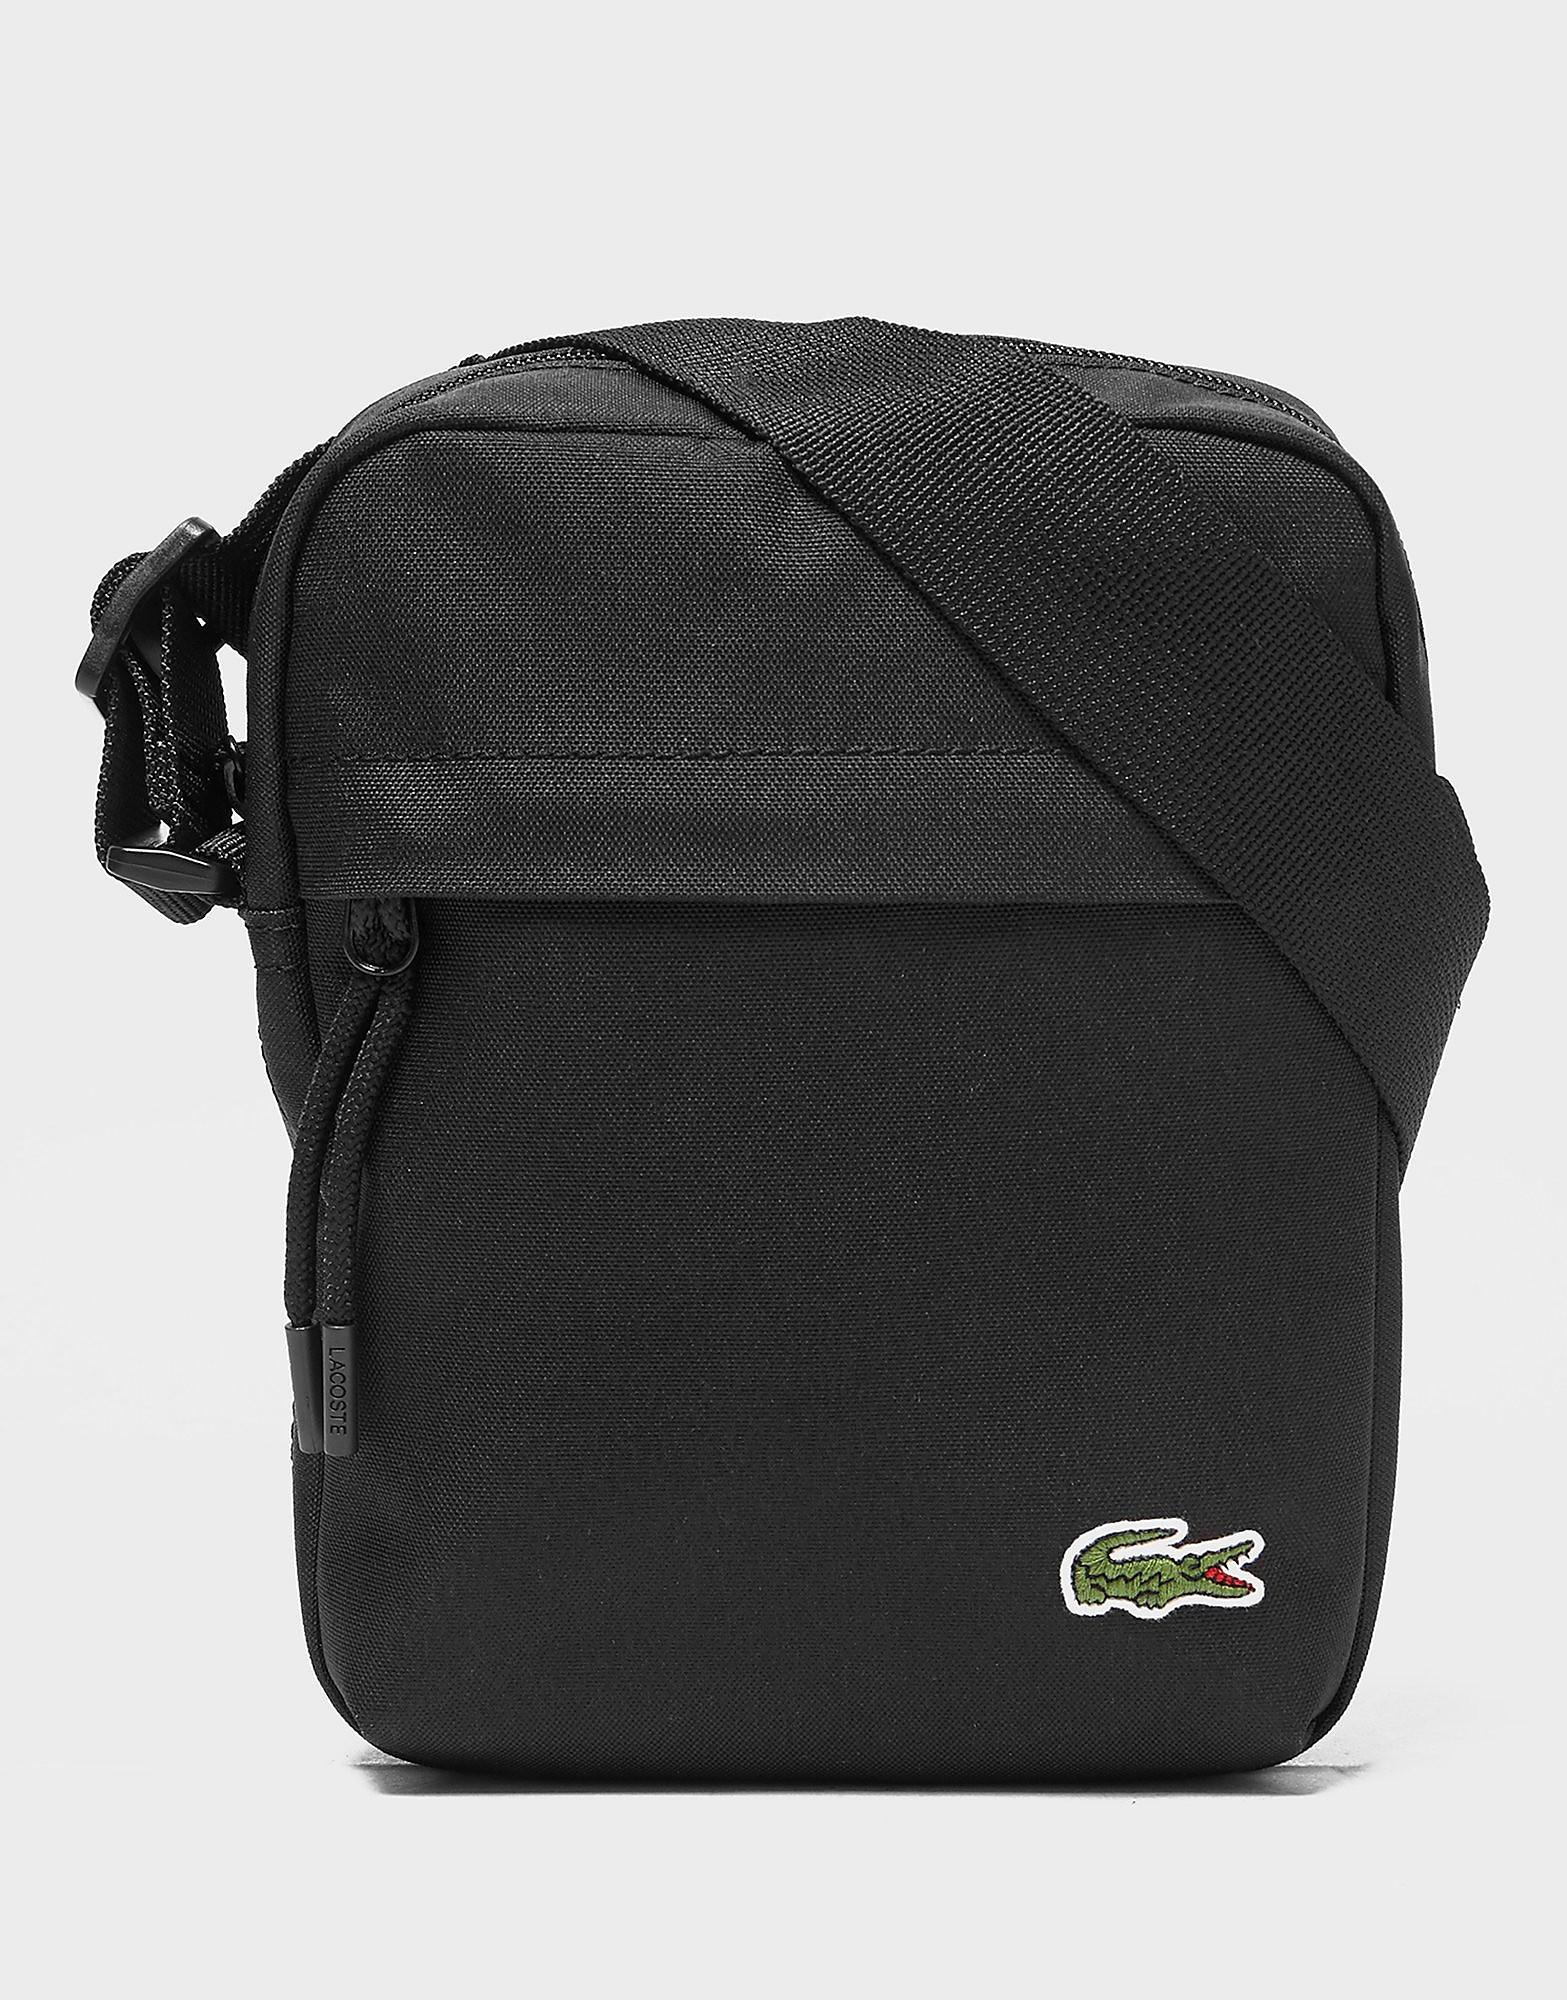 Lacoste Mini Bag  Black Black